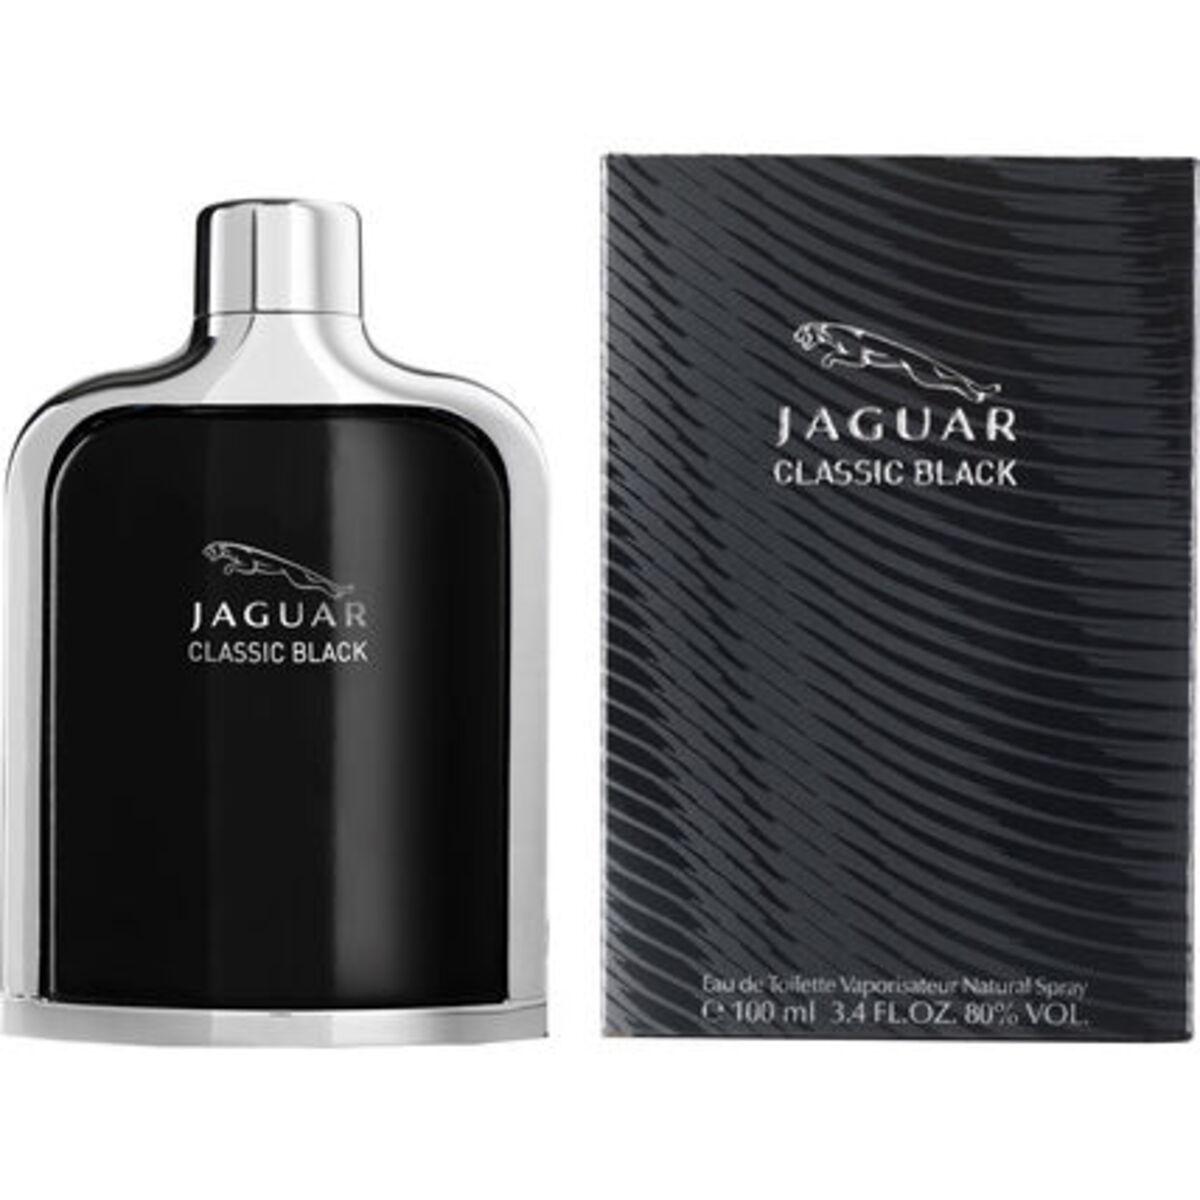 Bild 2 von Jaguar Classic Black, Eau de Toilette